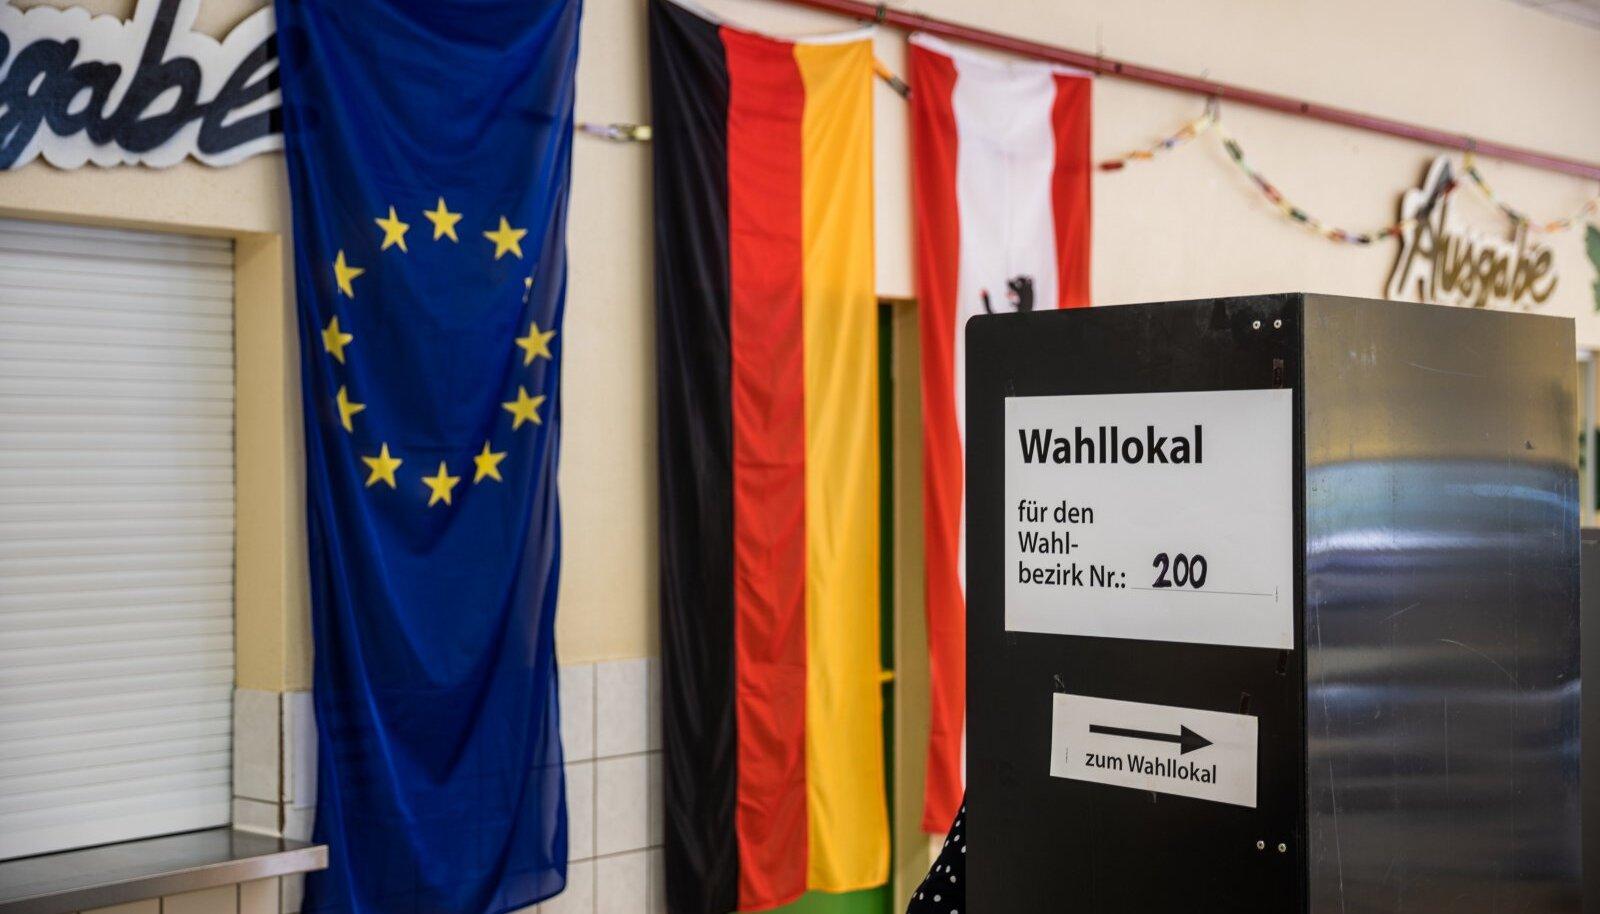 Valimispäev Berliinis 26.09.21